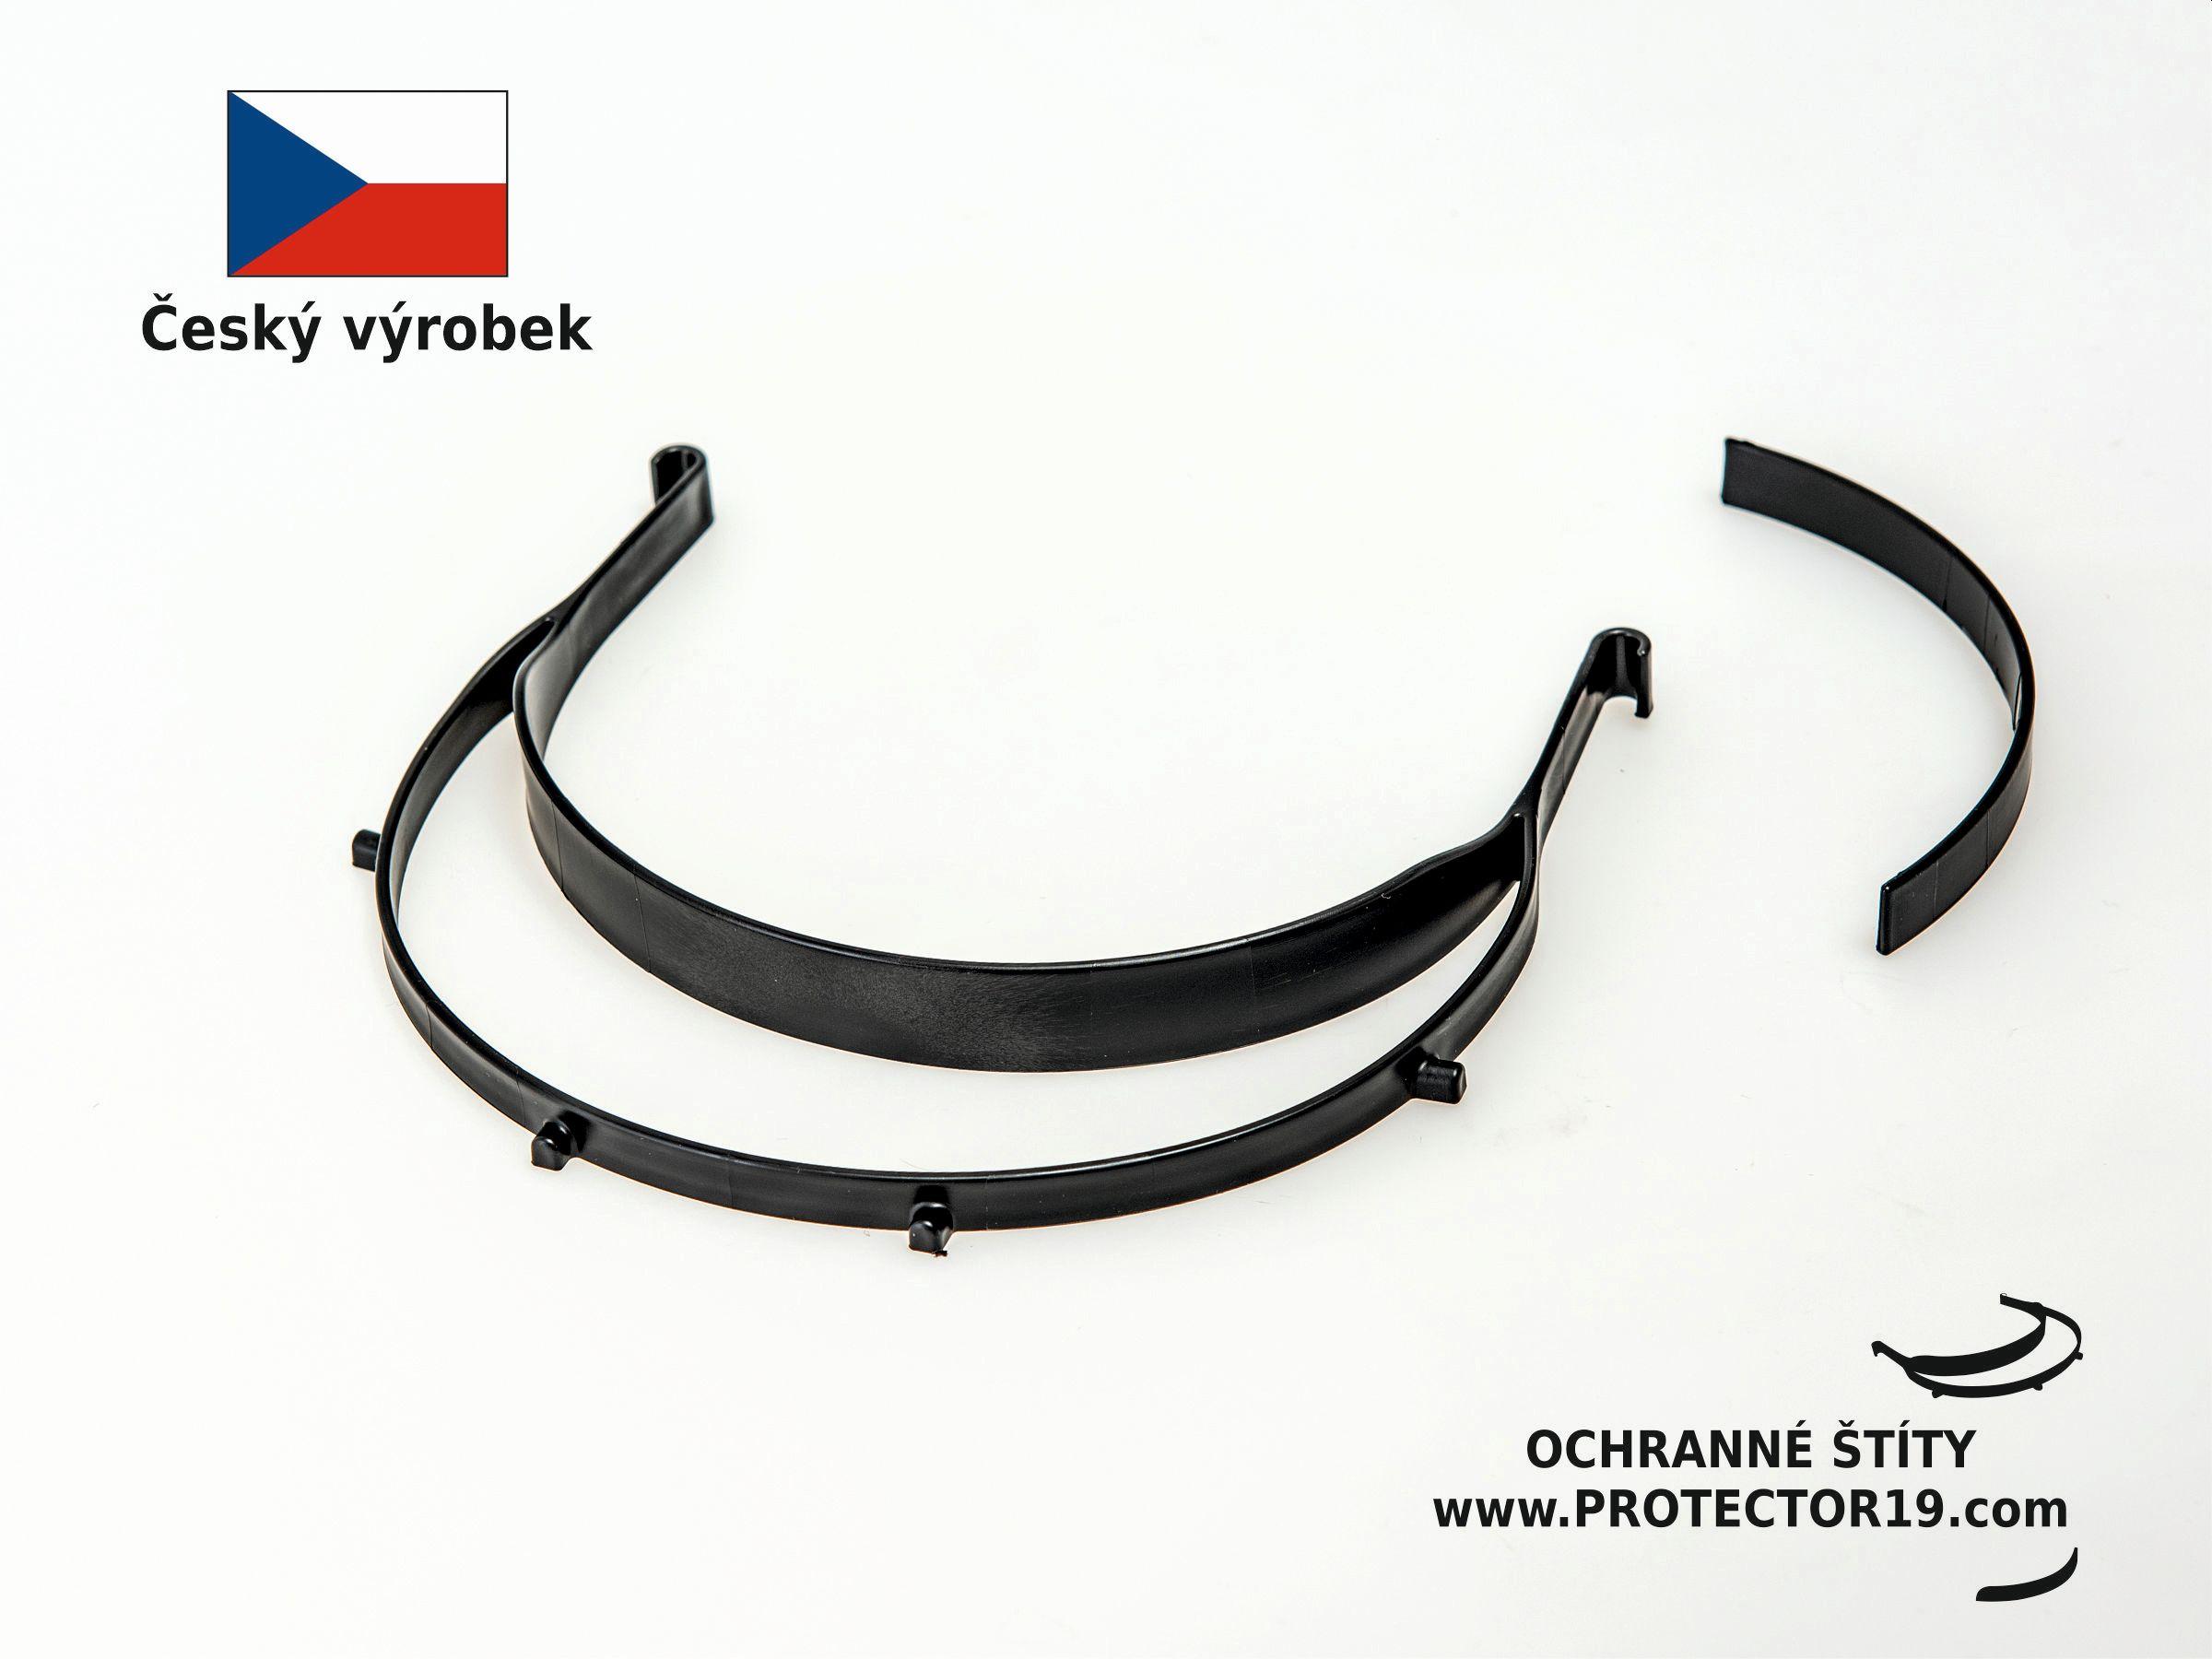 11_ochranny_stit_protector19.com_prodlouzena-verze_pro-zubare_stomatology_ochrana-pred-covid-19_1